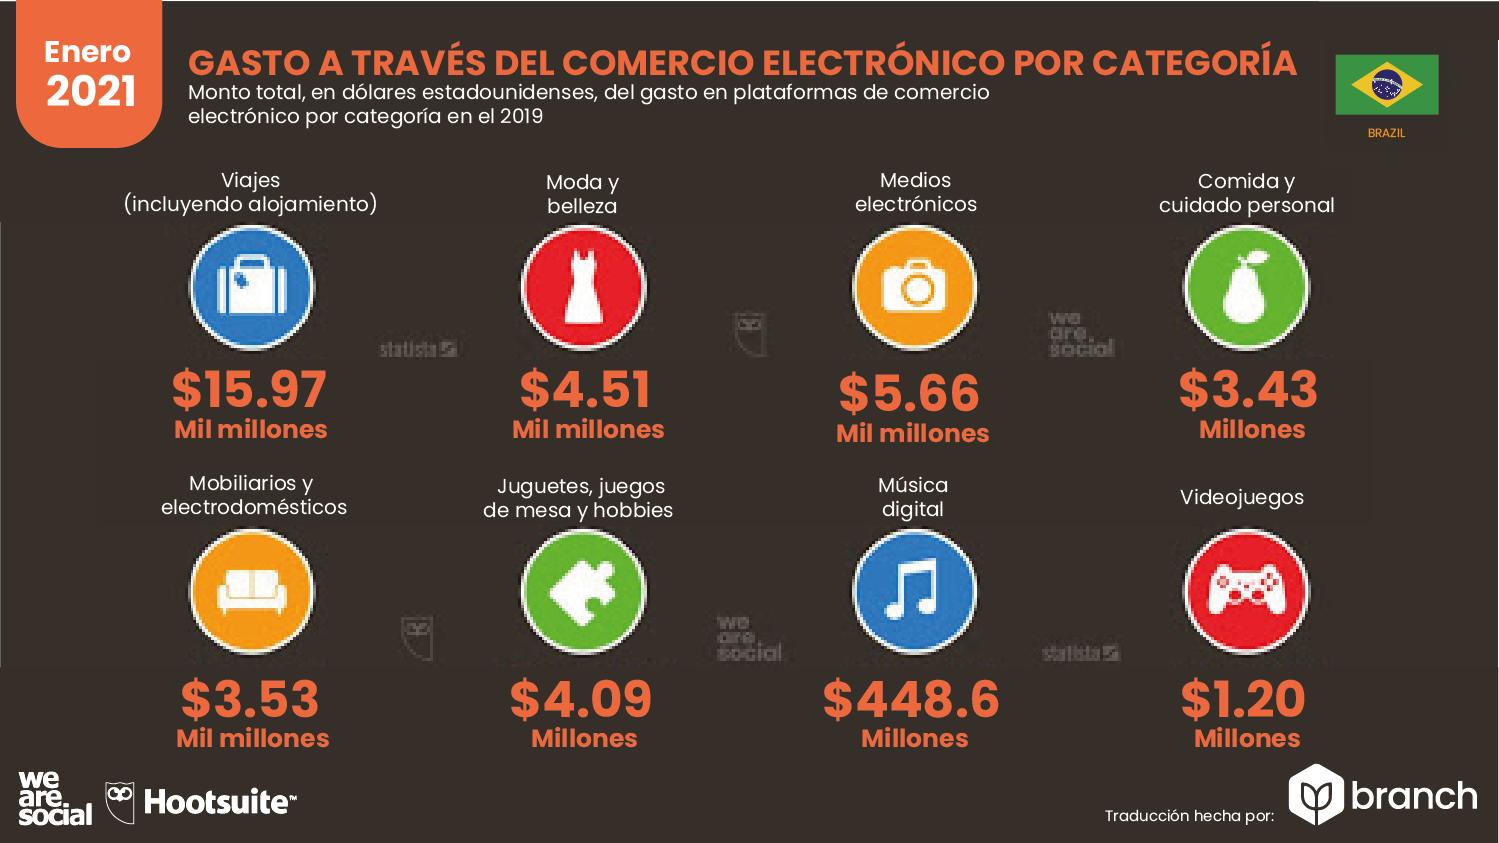 gastos-en-compras-ecommerce-brasil-2020-2021